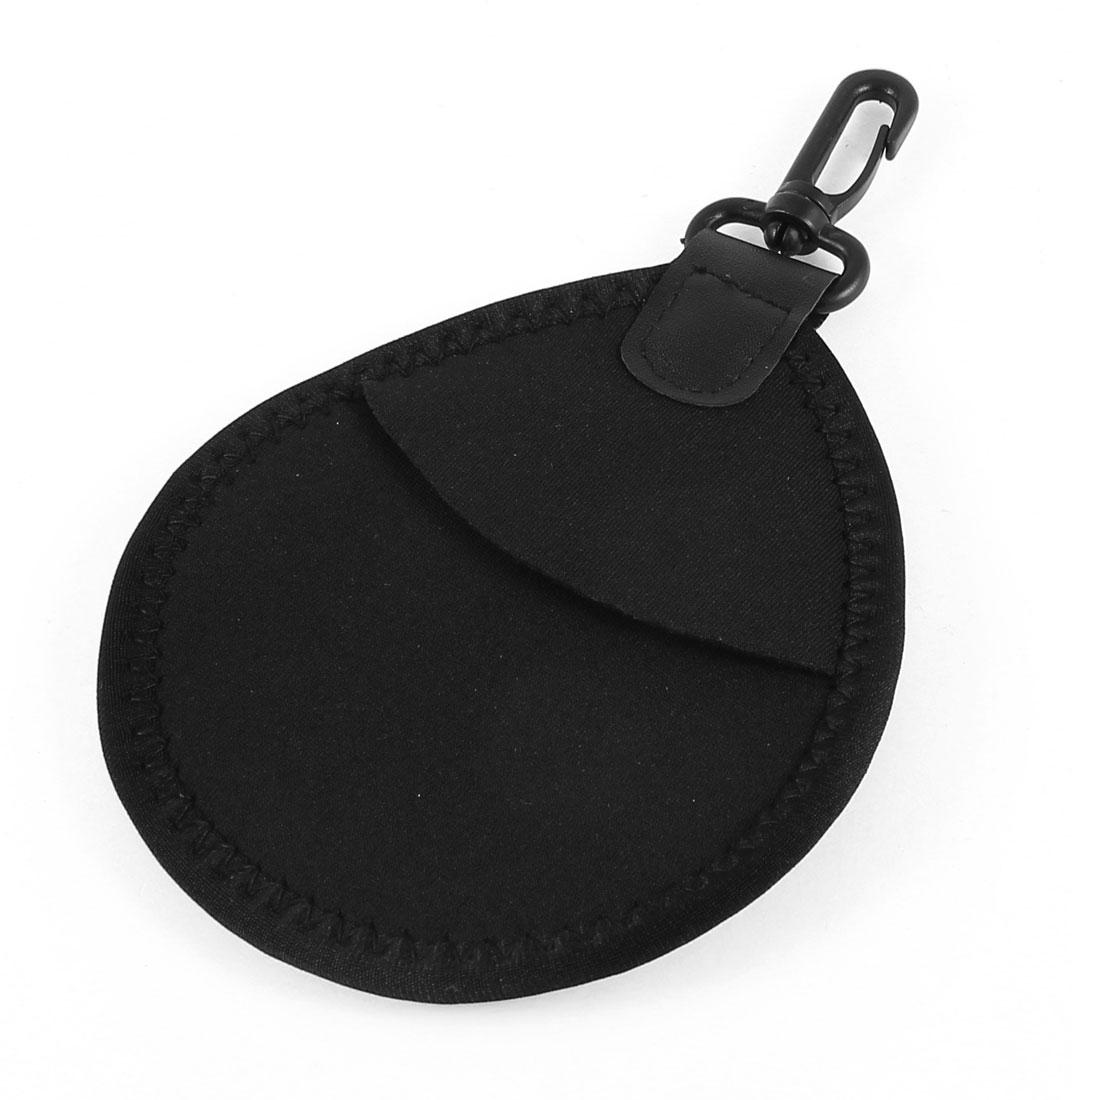 DSLR SLR Camera Lens 2 Slots Filter Case Bag Cover Pocket Pouch Holder